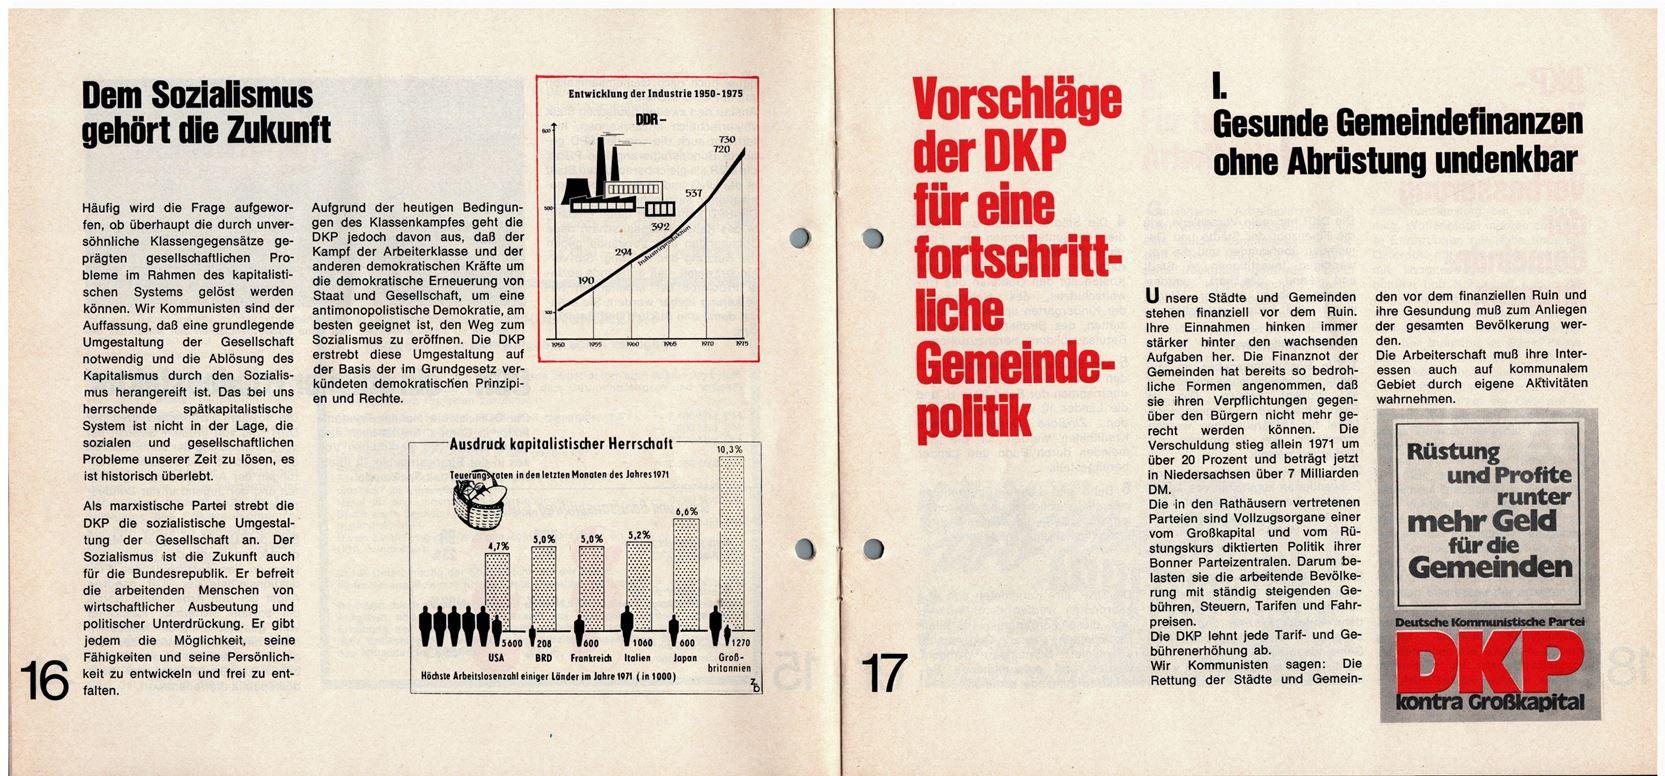 Niedersachsen_DKP046